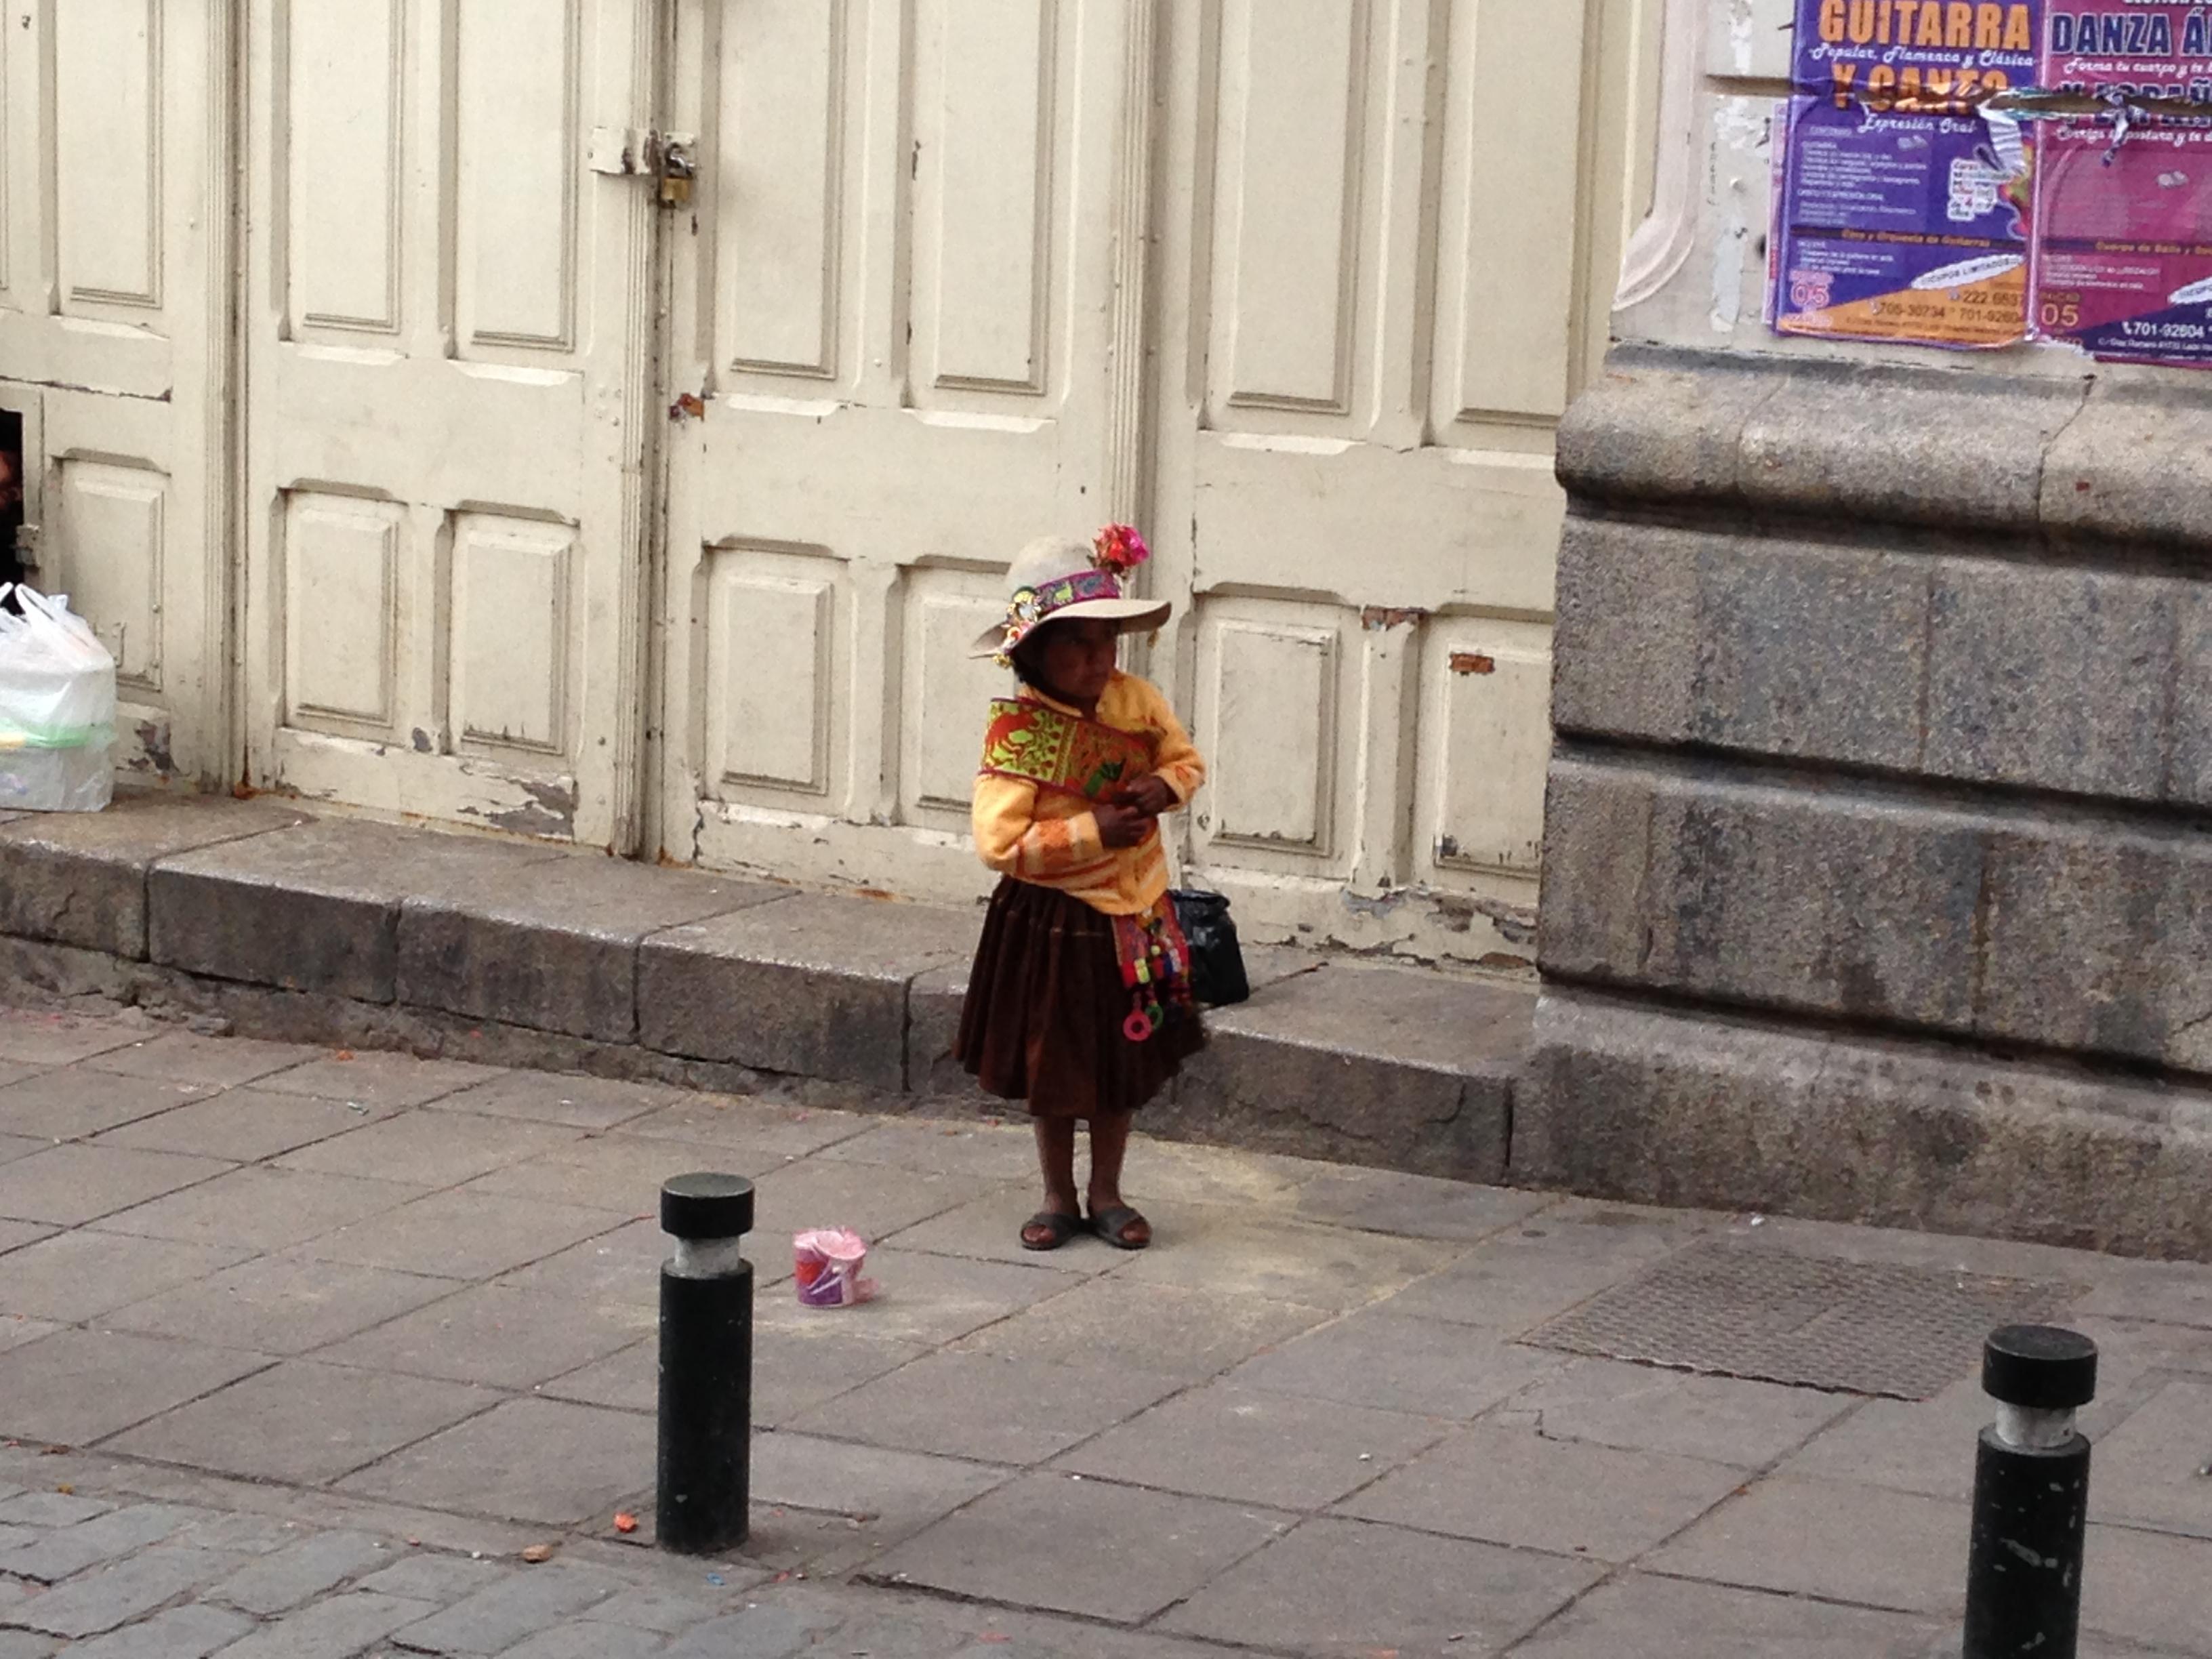 La pobre niña bailando en la calle